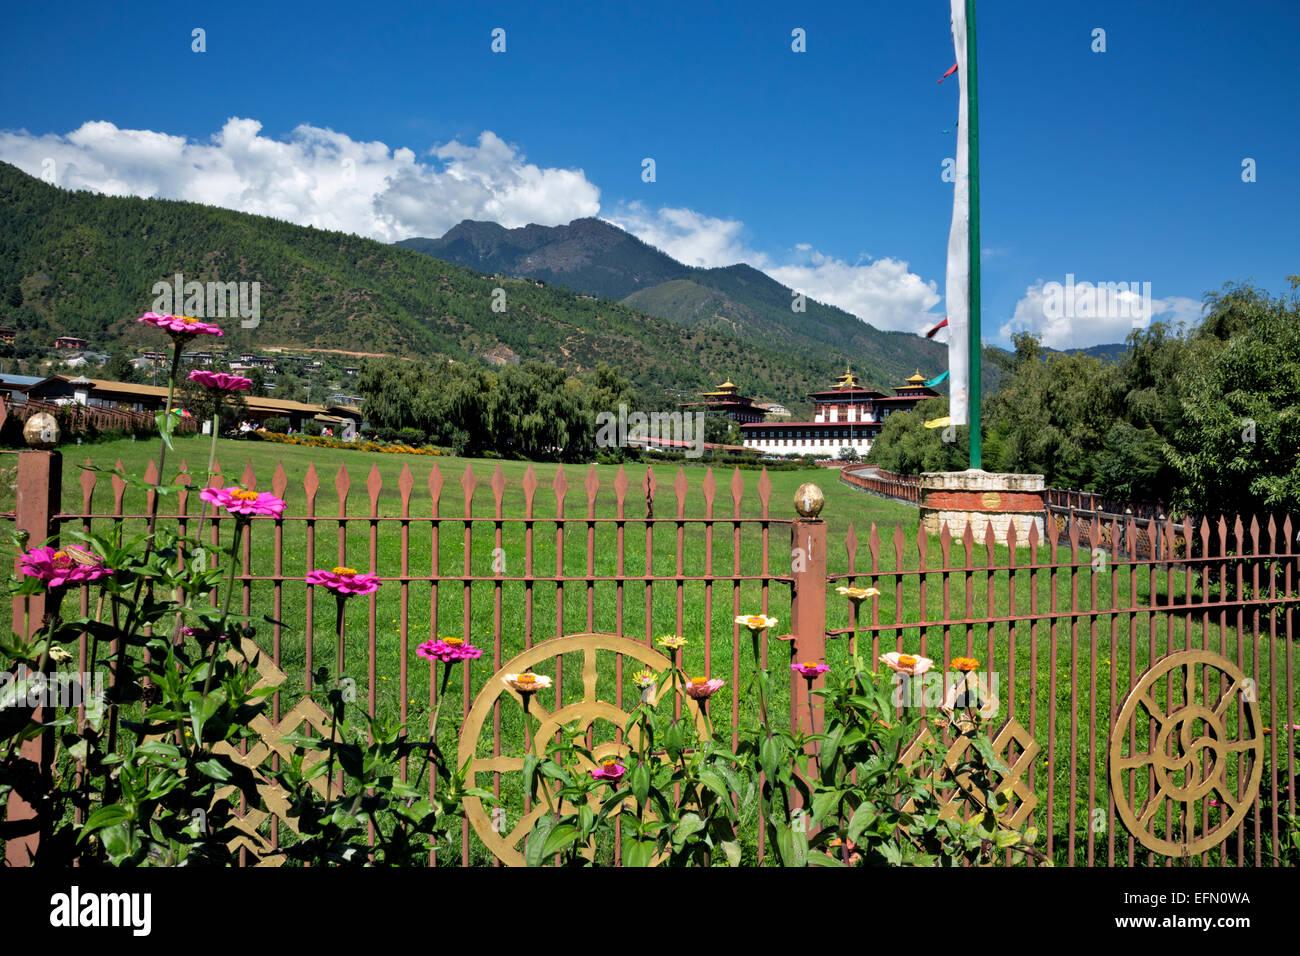 BU00049-00...BHUTAN - Il Trashi Chhoe Dzong, dei principali edifici governativi nella città capitale di Thimphu. Immagini Stock